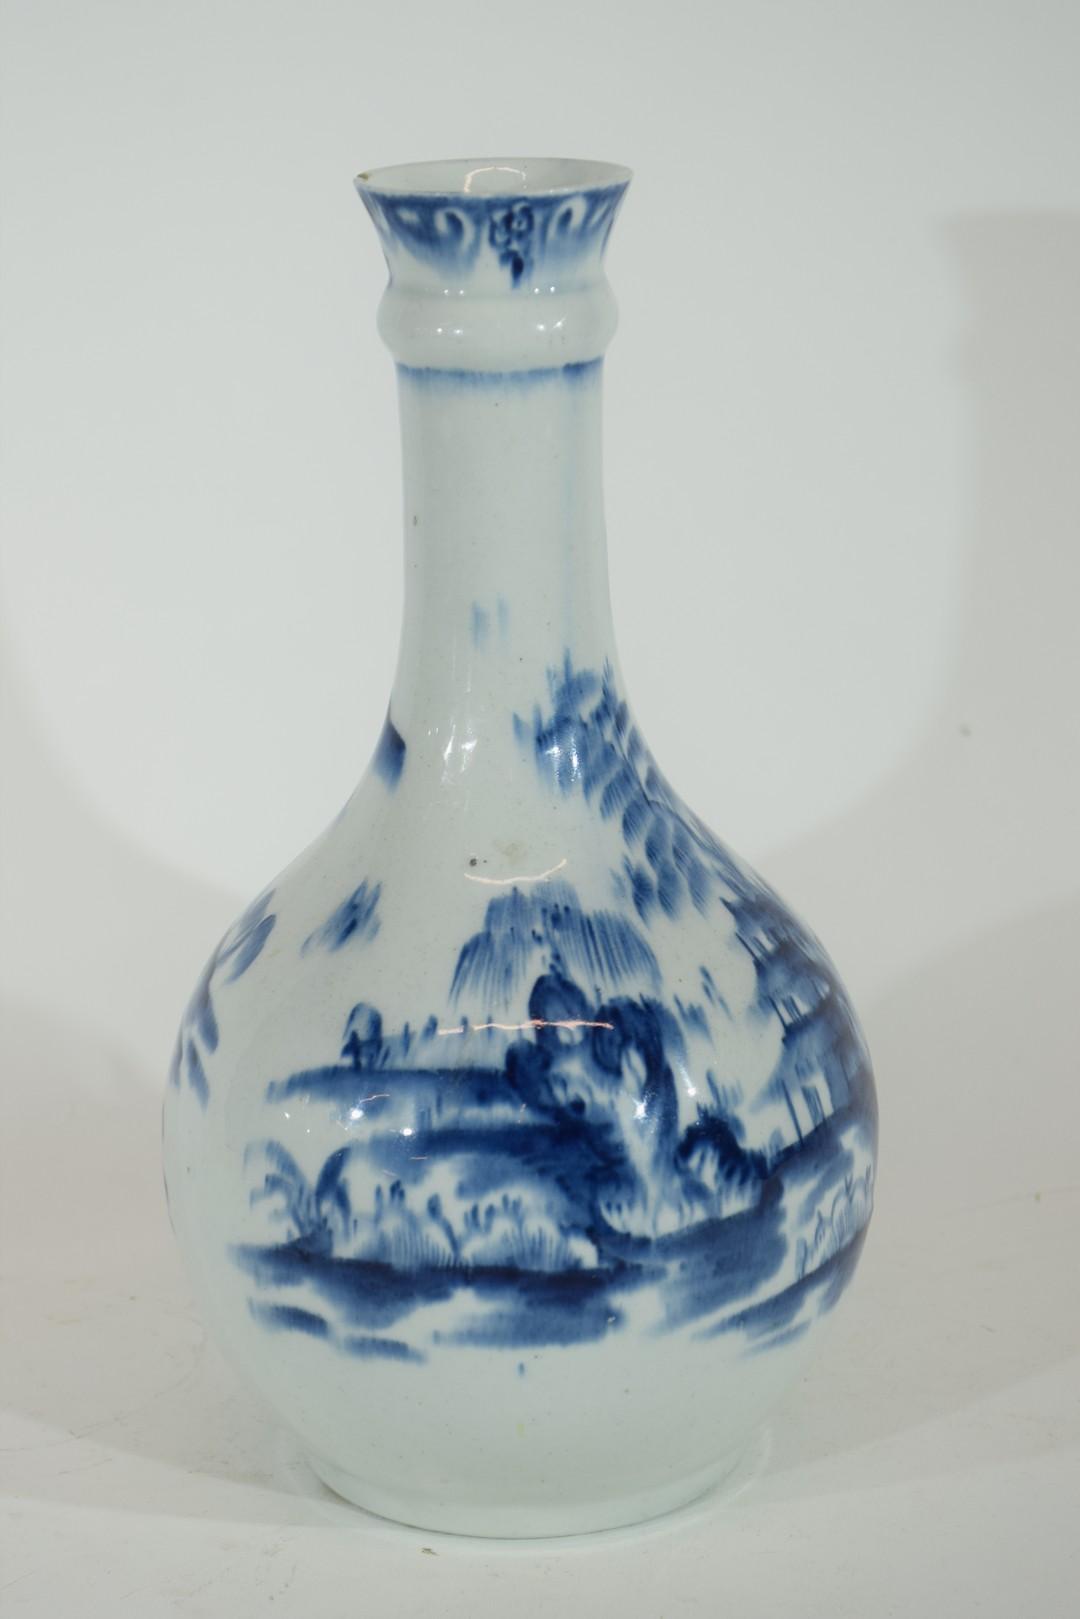 Lowestoft porcelain guglet or water bottle - Image 5 of 7